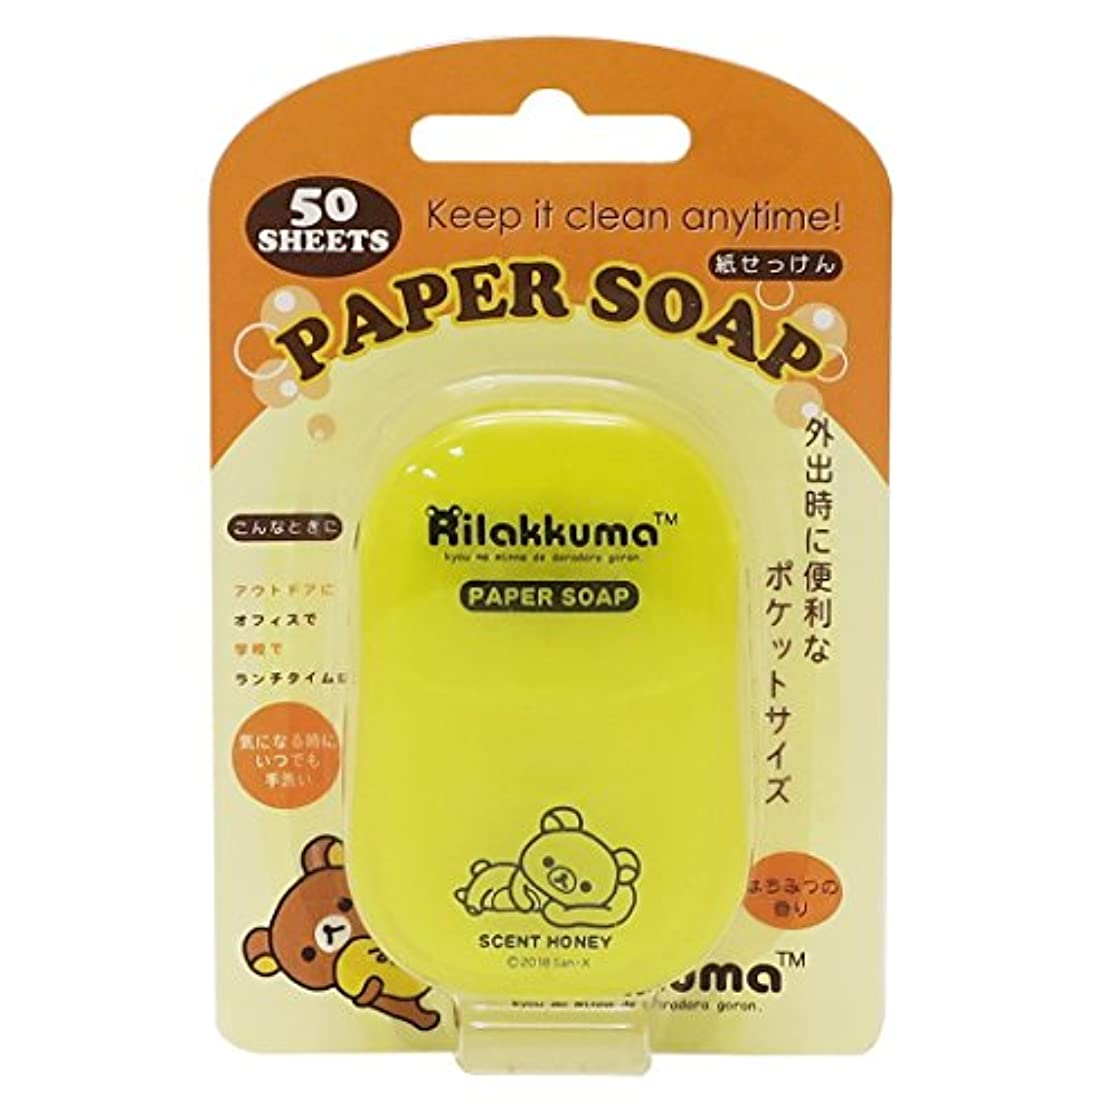 奇跡的な同様にオープナーリラックマ[衛生雑貨]紙せっけん50枚入り/はちみつの香り サンエックス